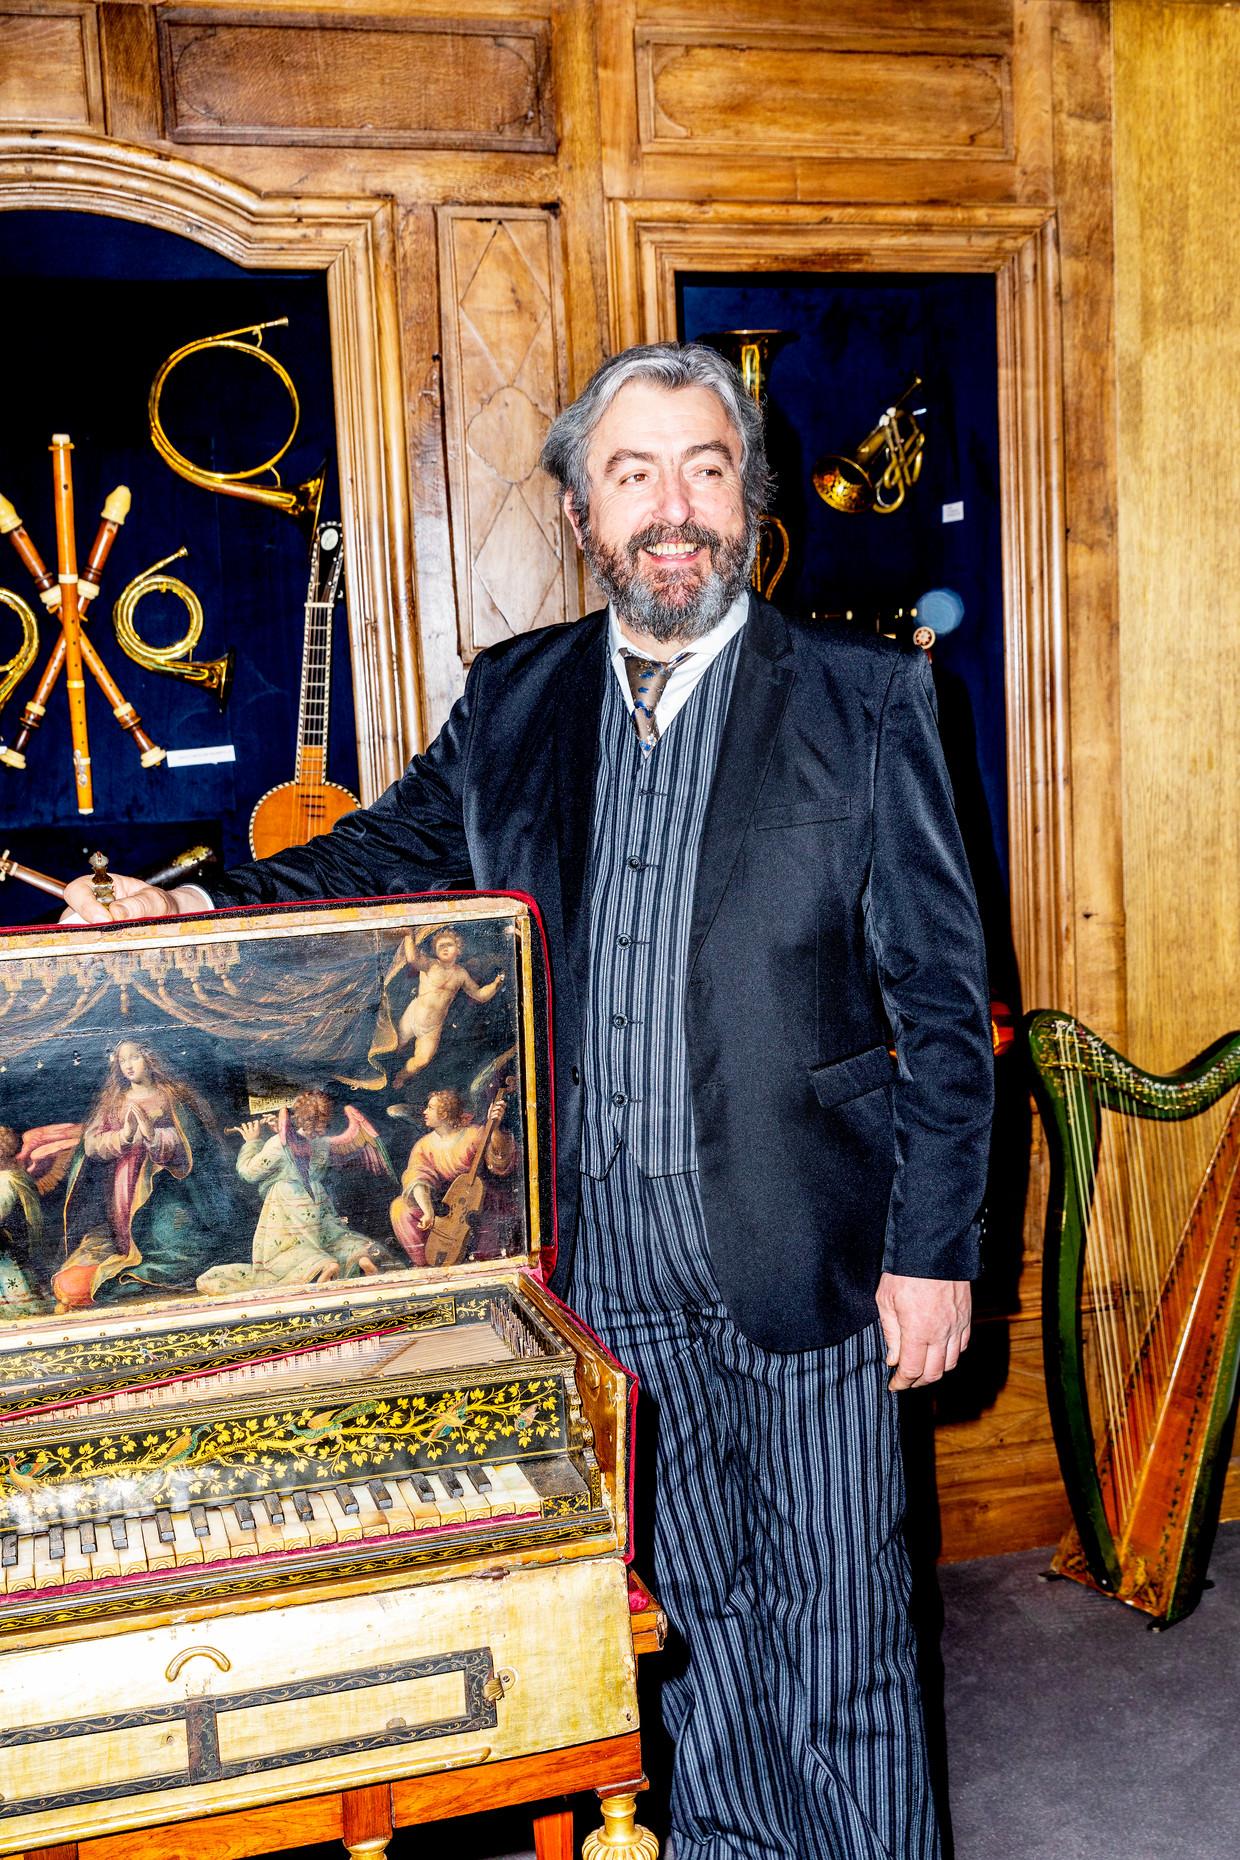 Jean Michel Renard, handelaar in antieke muziekinstrumenten uit Bellenaves, naast een 16de-eeuws Italiaans spinet van cypressen- en vurenhout. Beeld Marie Wanders